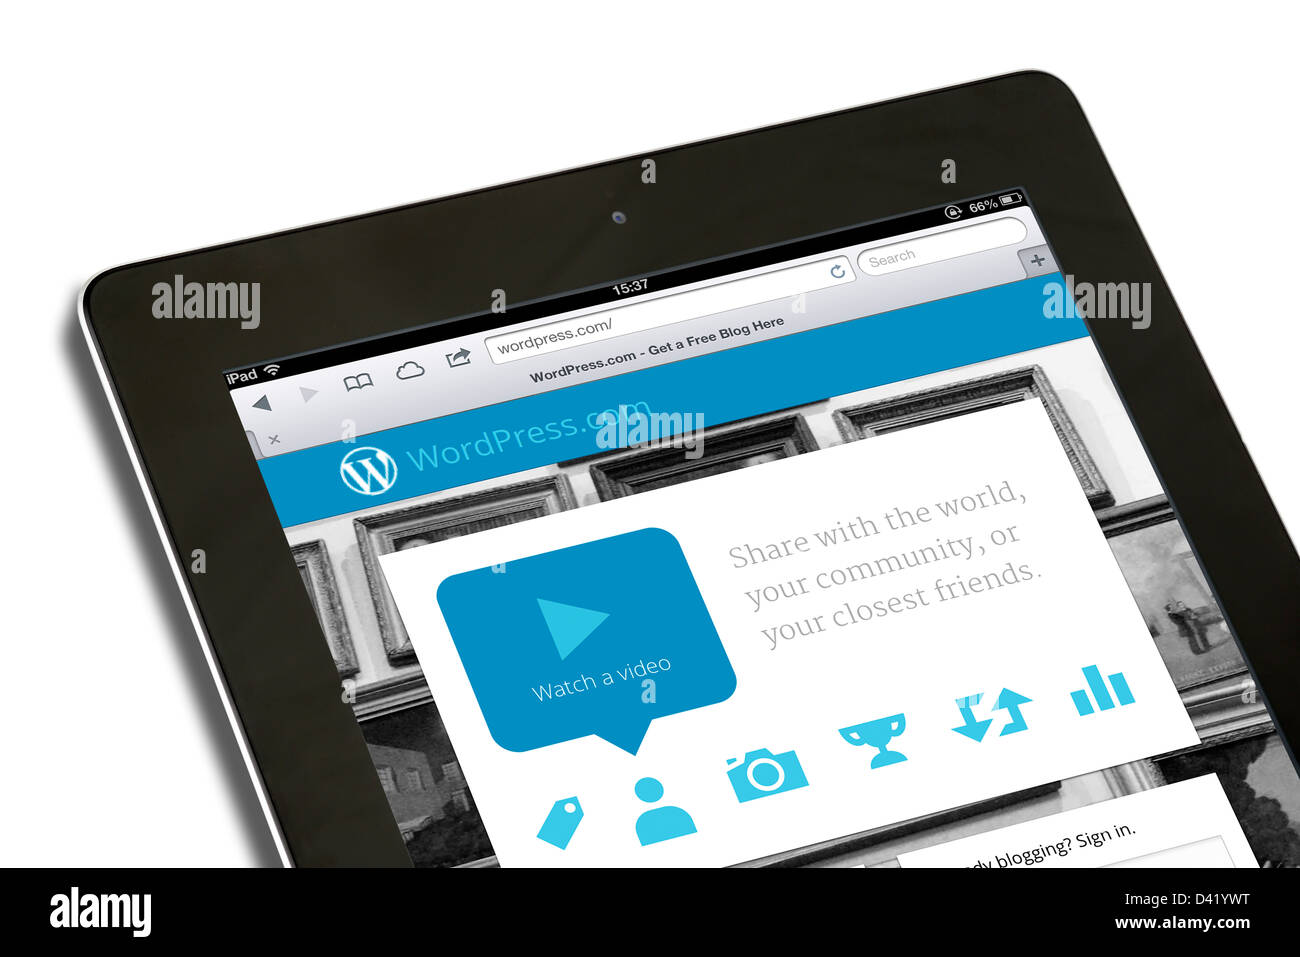 Site Web de l'outil de blog open source, Wordpress, vue sur un iPad 4 Photo Stock